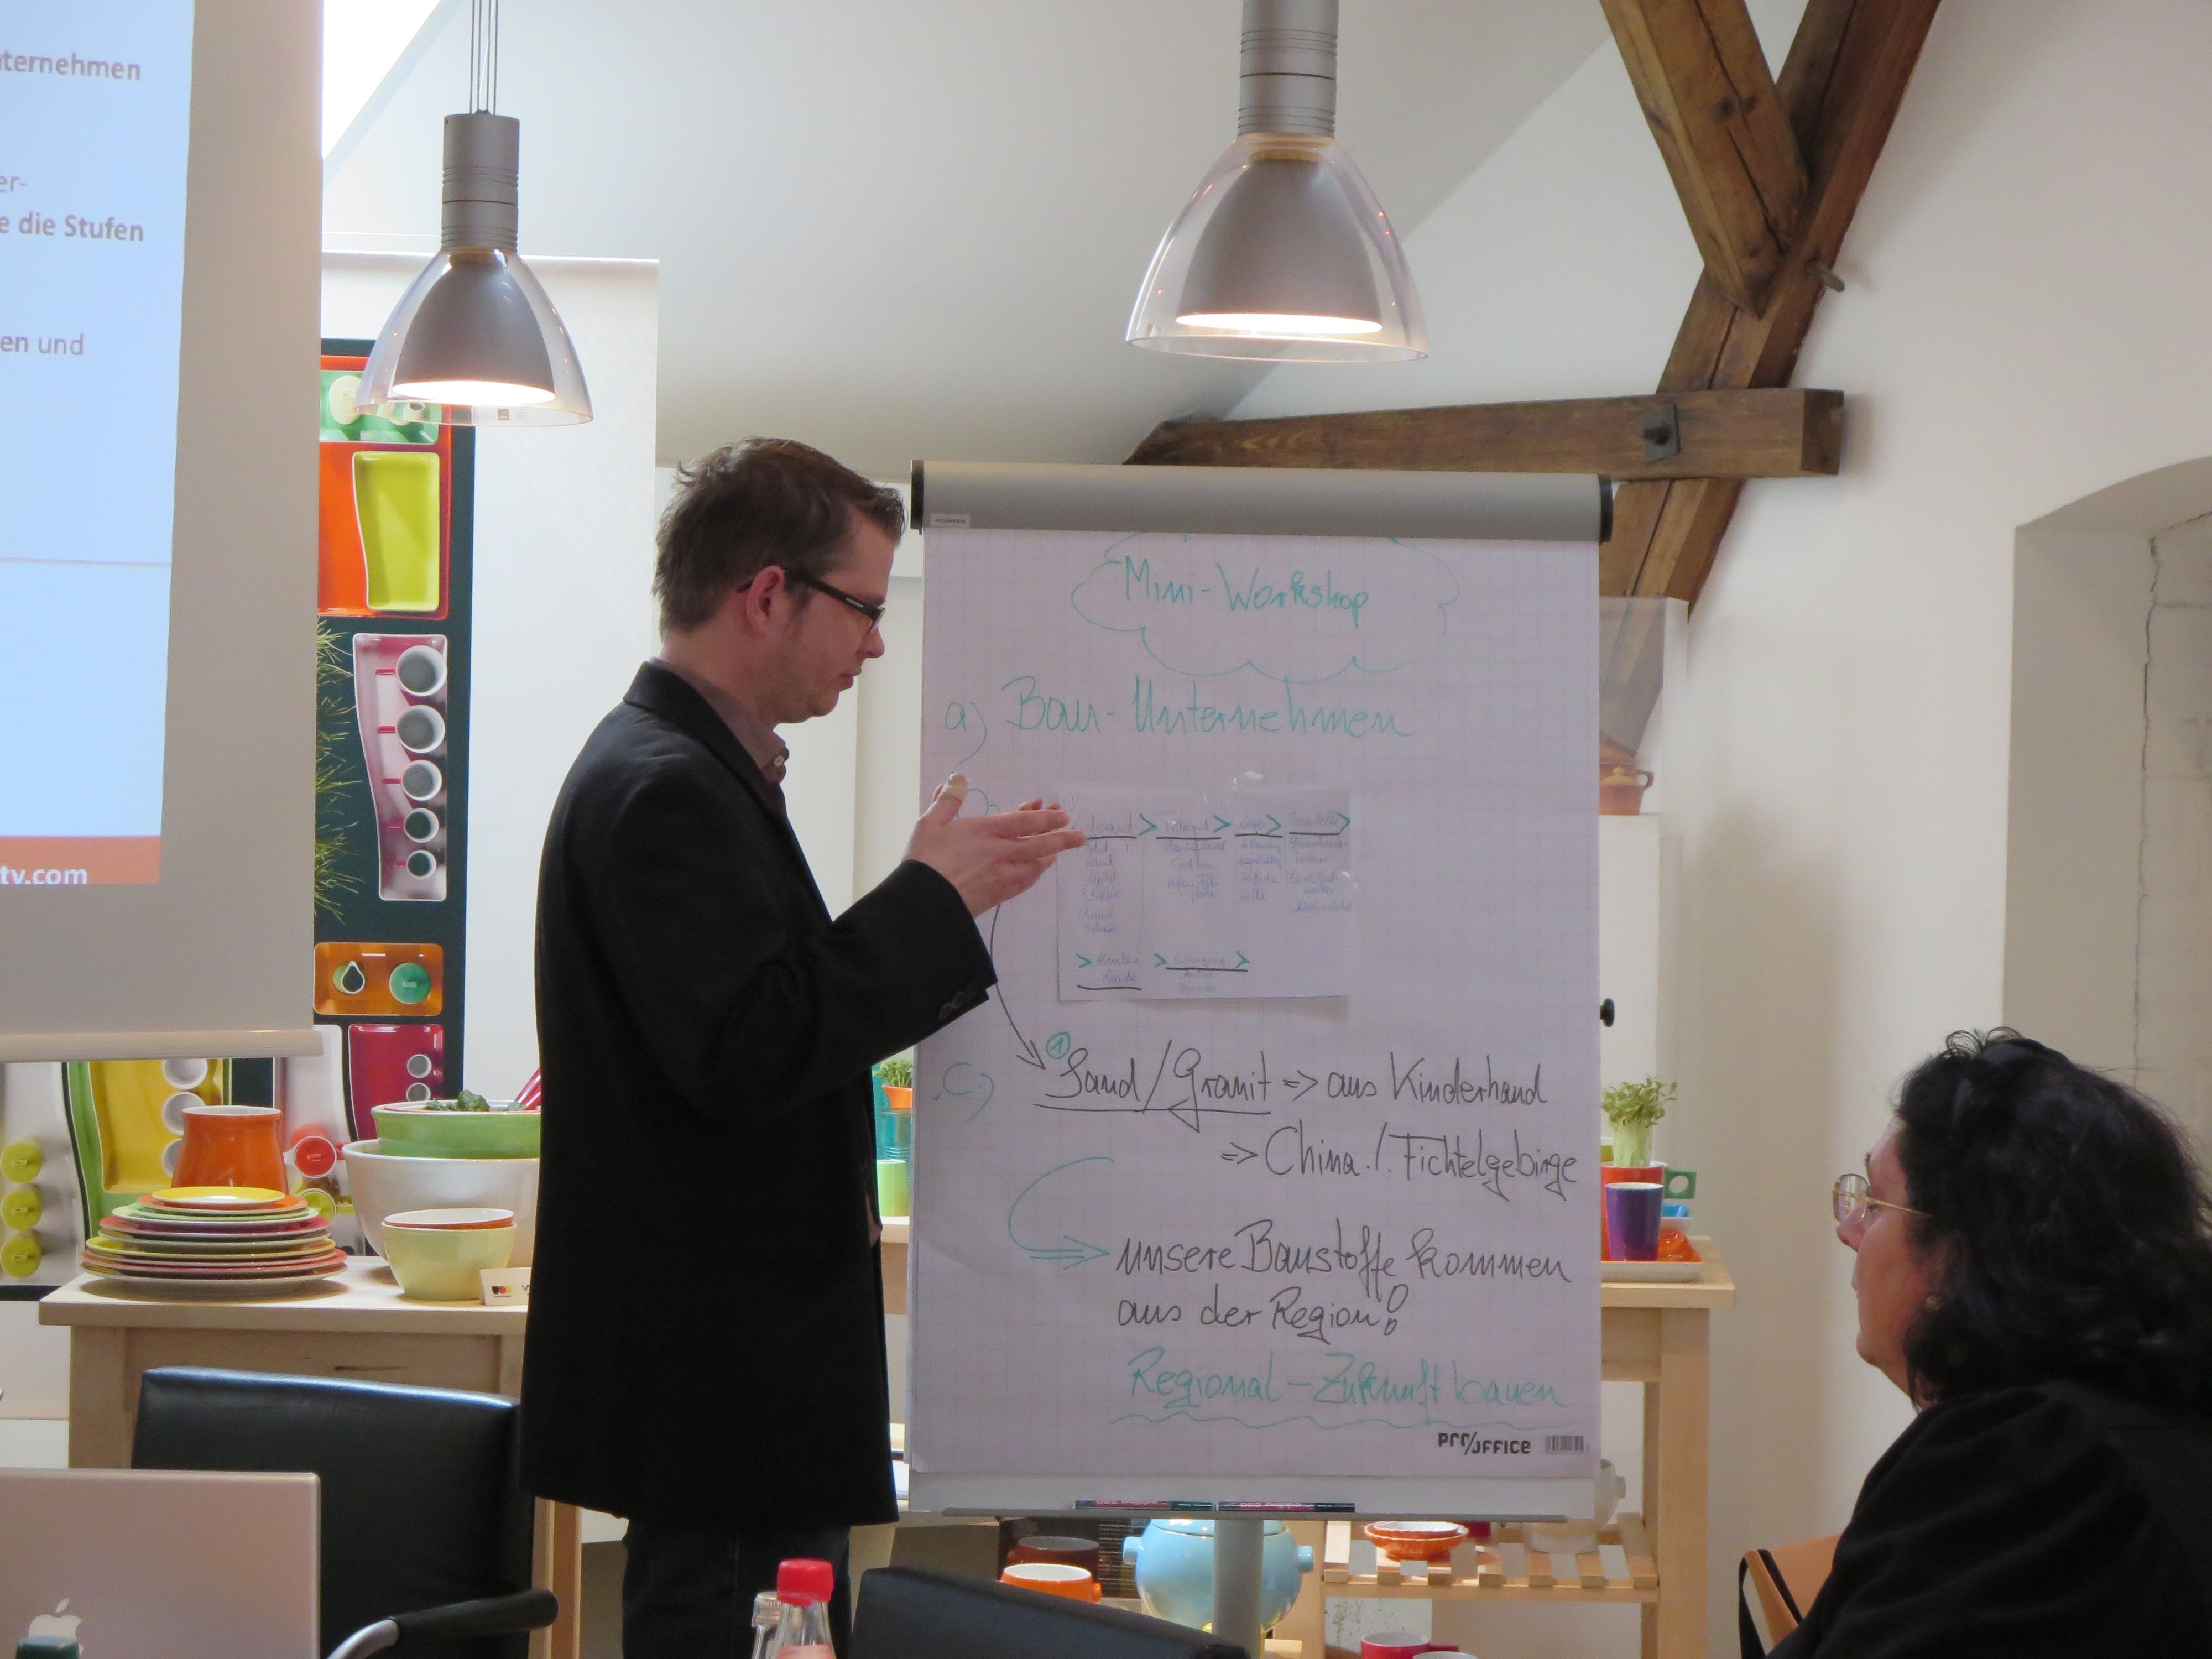 Teilnehmer arbeiten gemeinsam an CSR-Themen